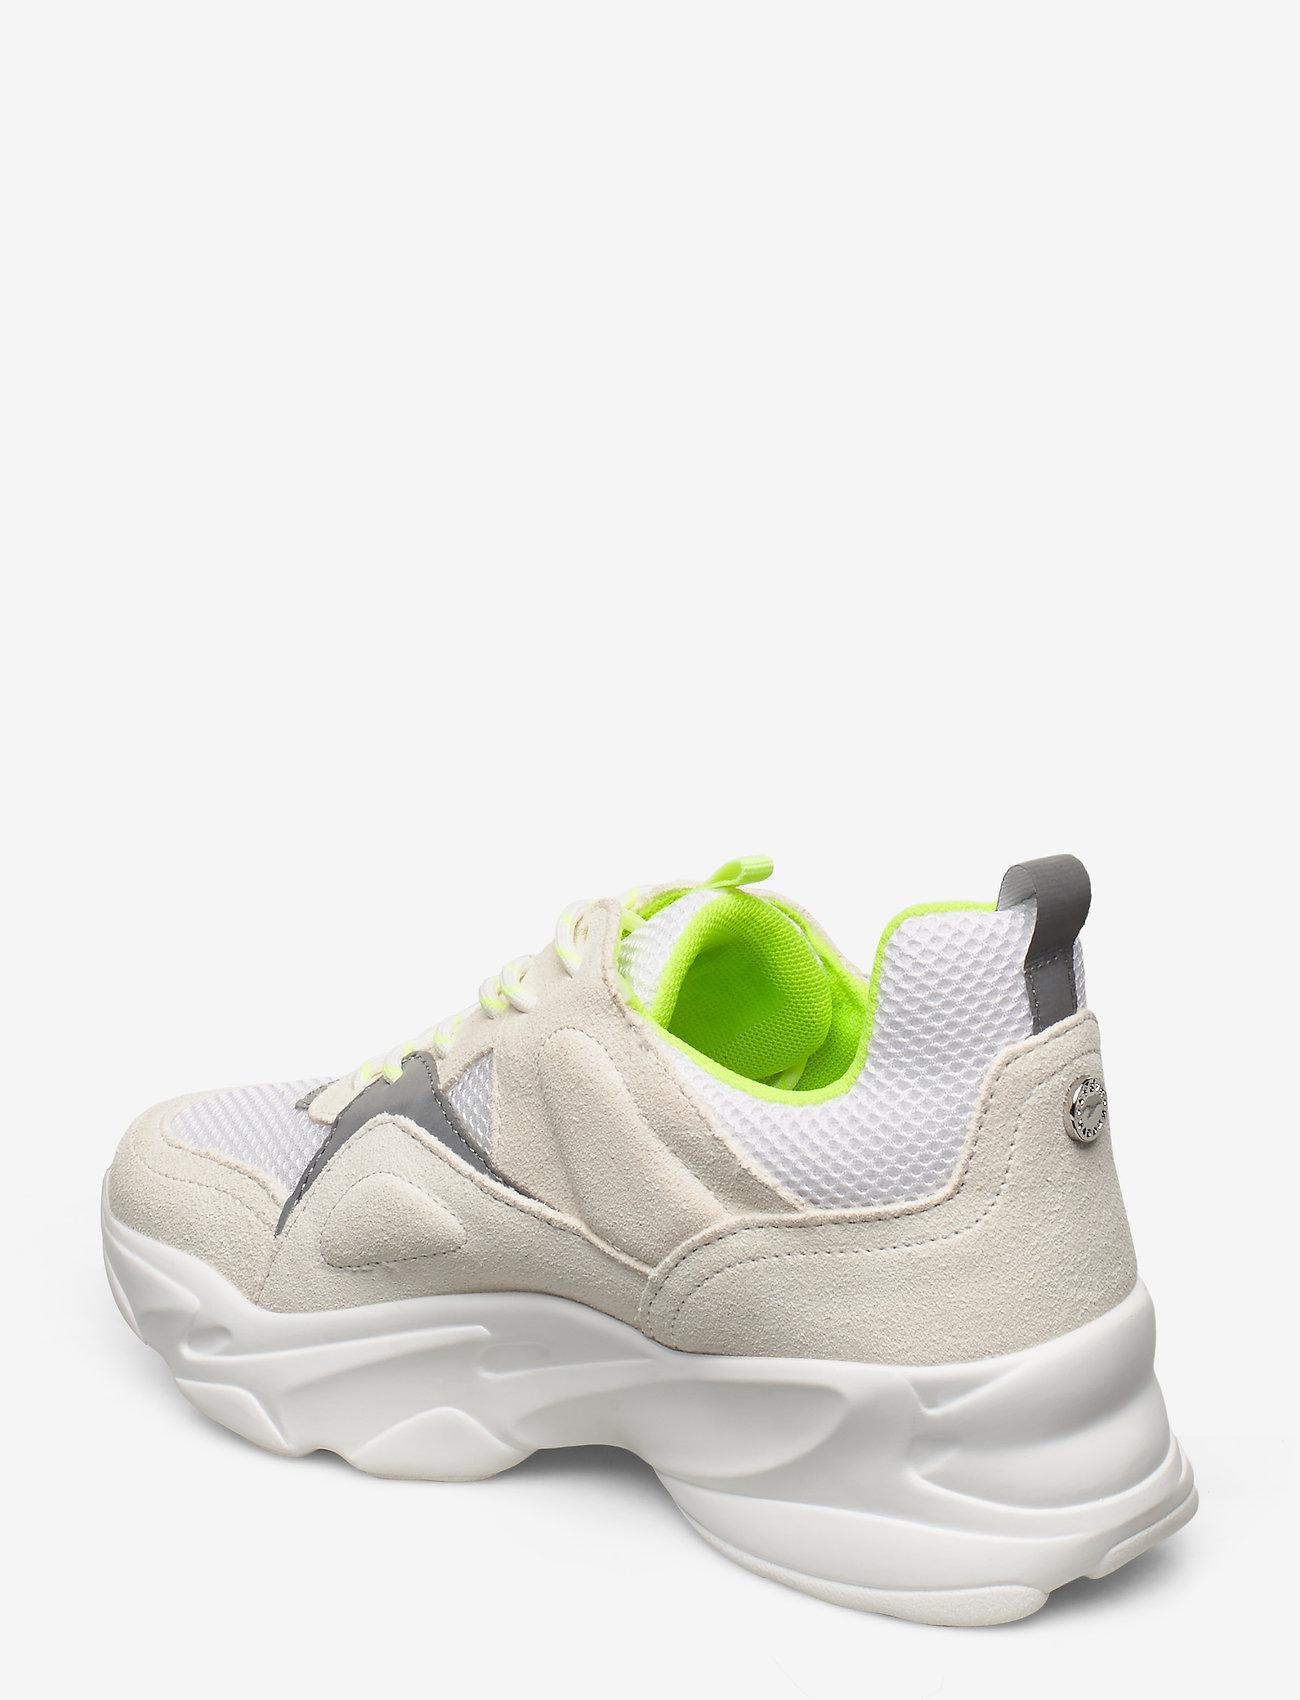 Movement Sneaker (White/ Yellow) - Steve Madden